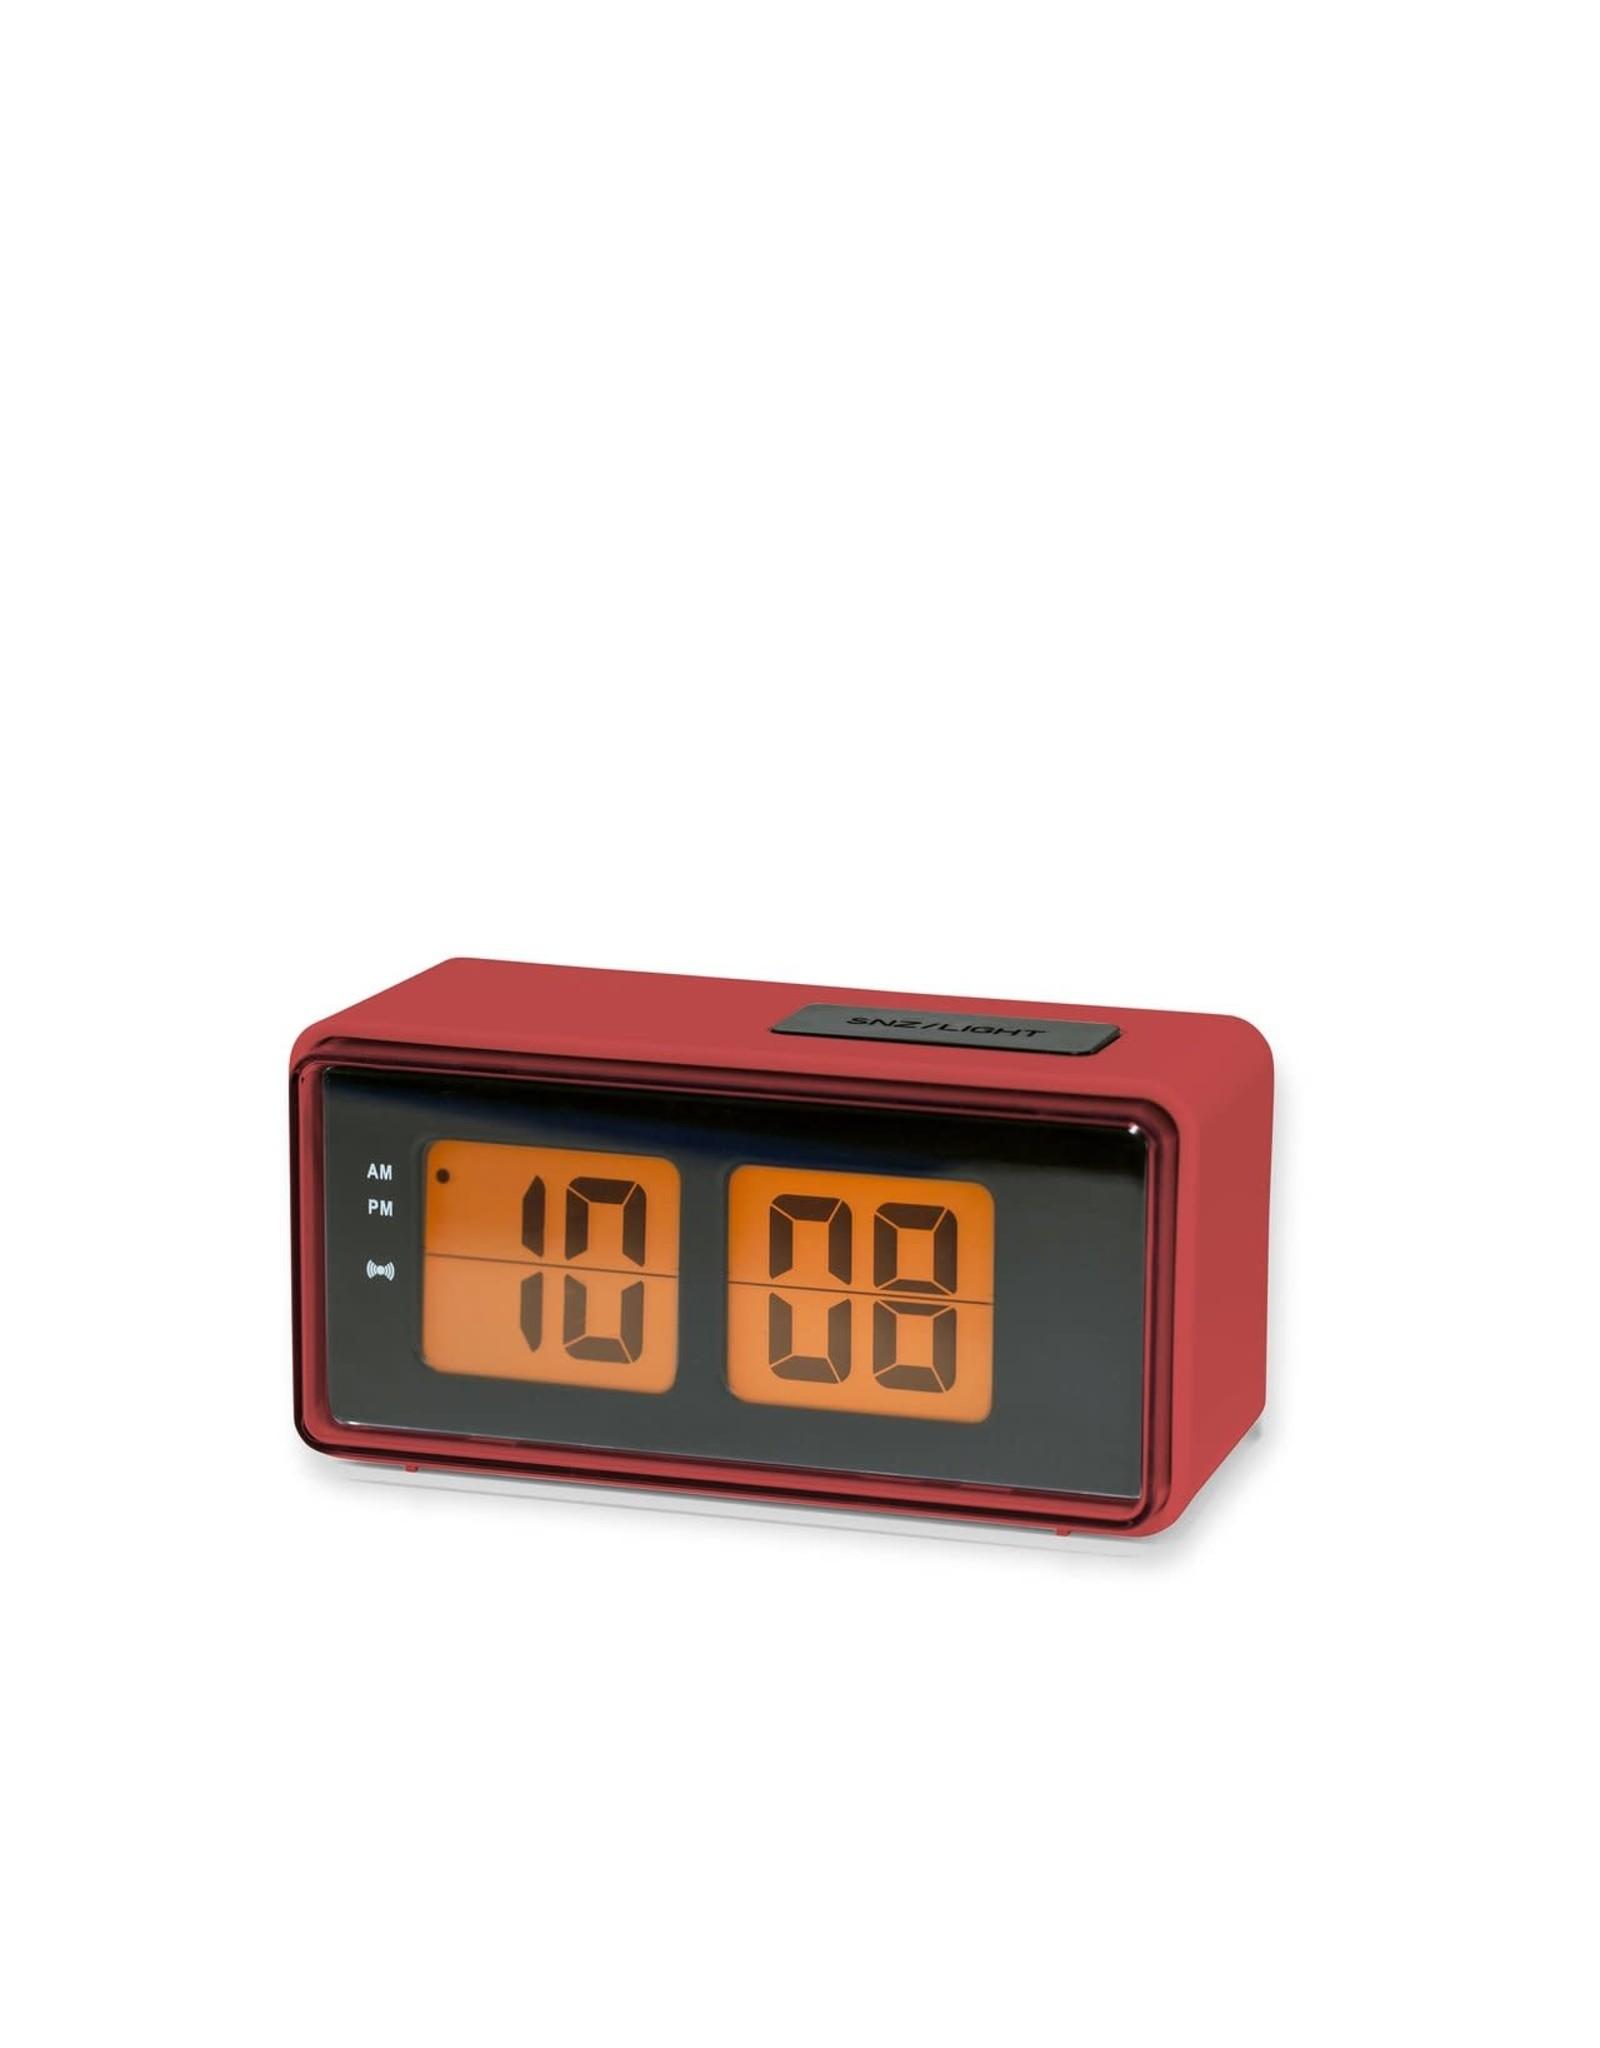 KIK Digital Alarm Clock in Red